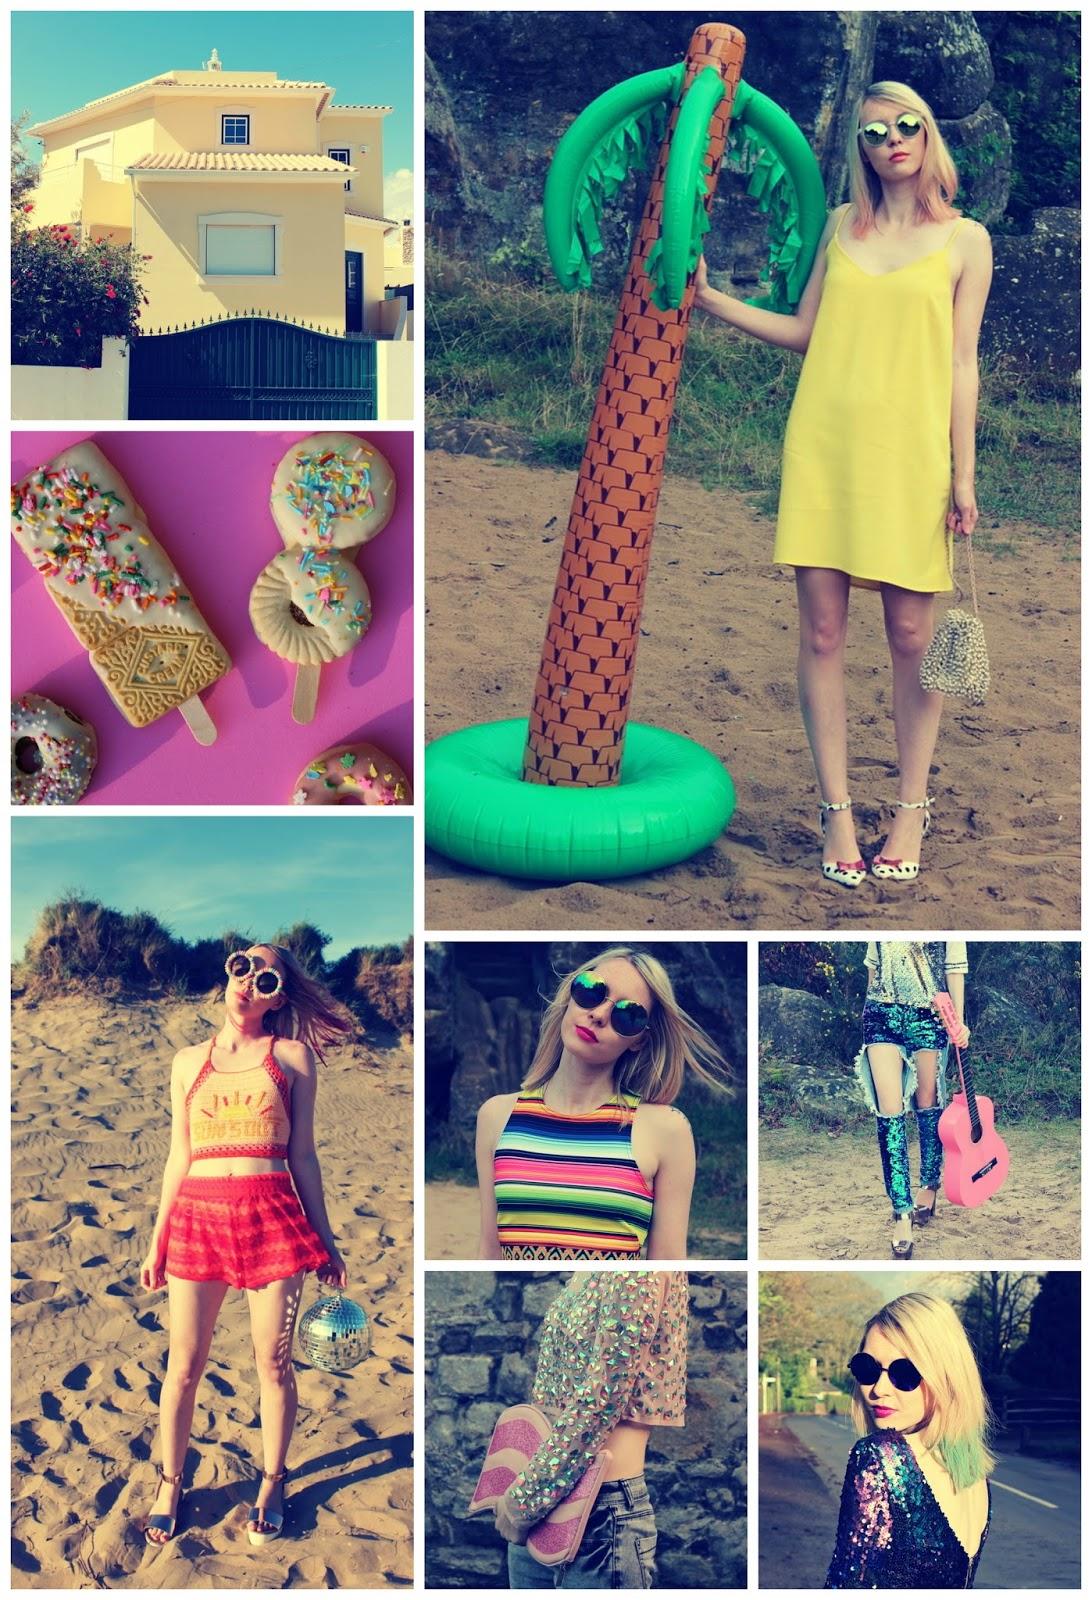 blog crush, blogger crush, favourite blogger, fashion blogger, lifestyle blogger, blogger recommendations, best bloggers, colourful blog, summer style inspiration, SOINSPO, UK blogger